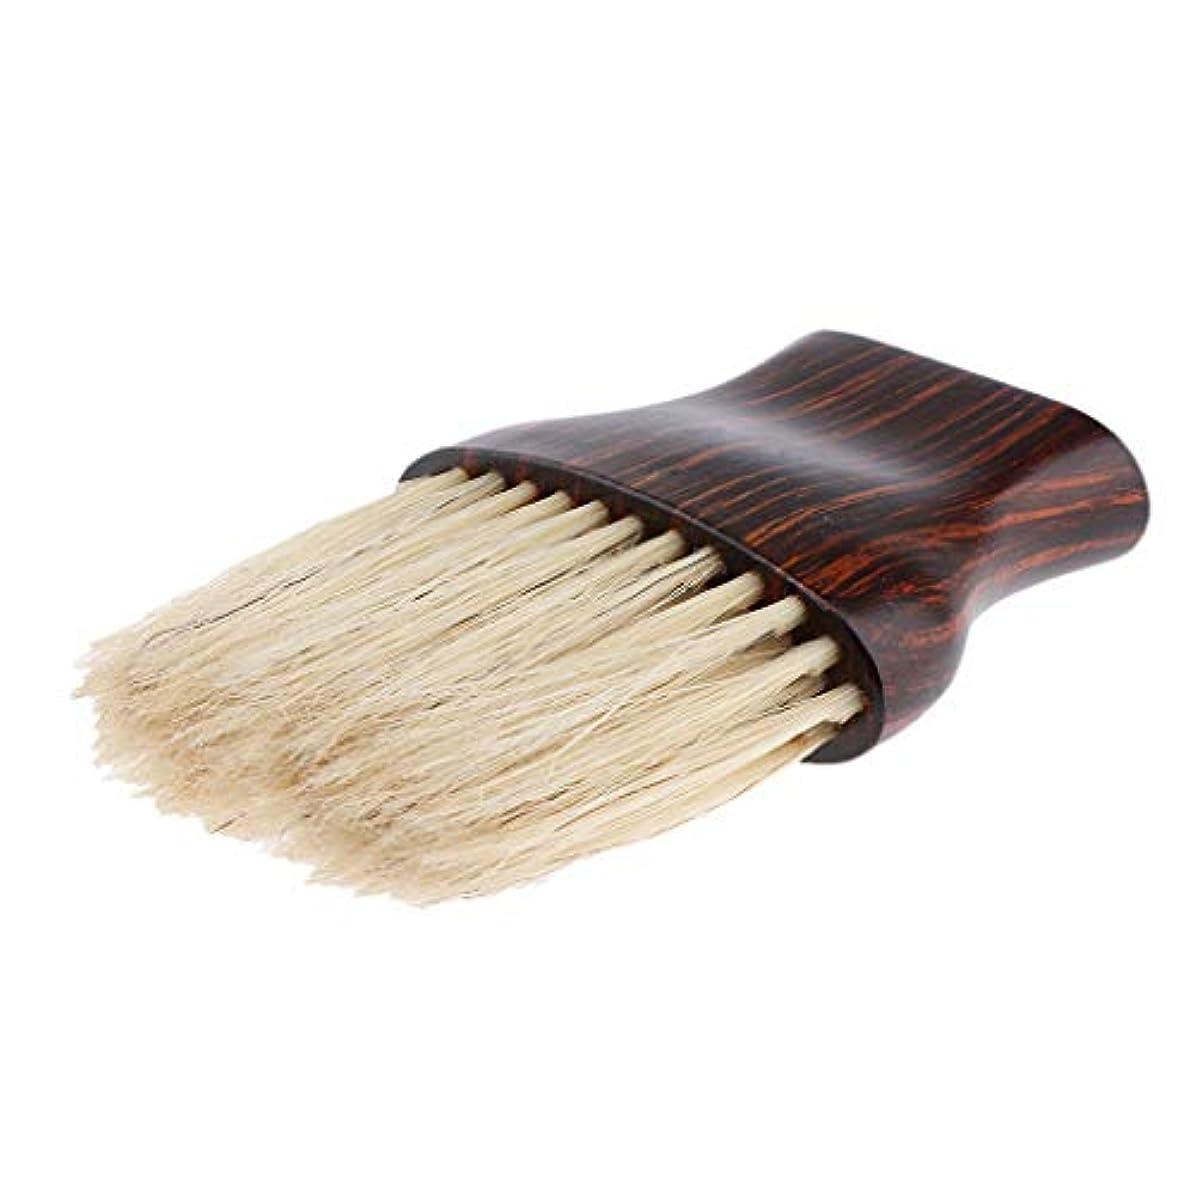 まあ交差点謝罪するCUTICATE ヘアカットブラシ ネックダスタークリーニング ヘアブラシ 理髪師理髪ツール